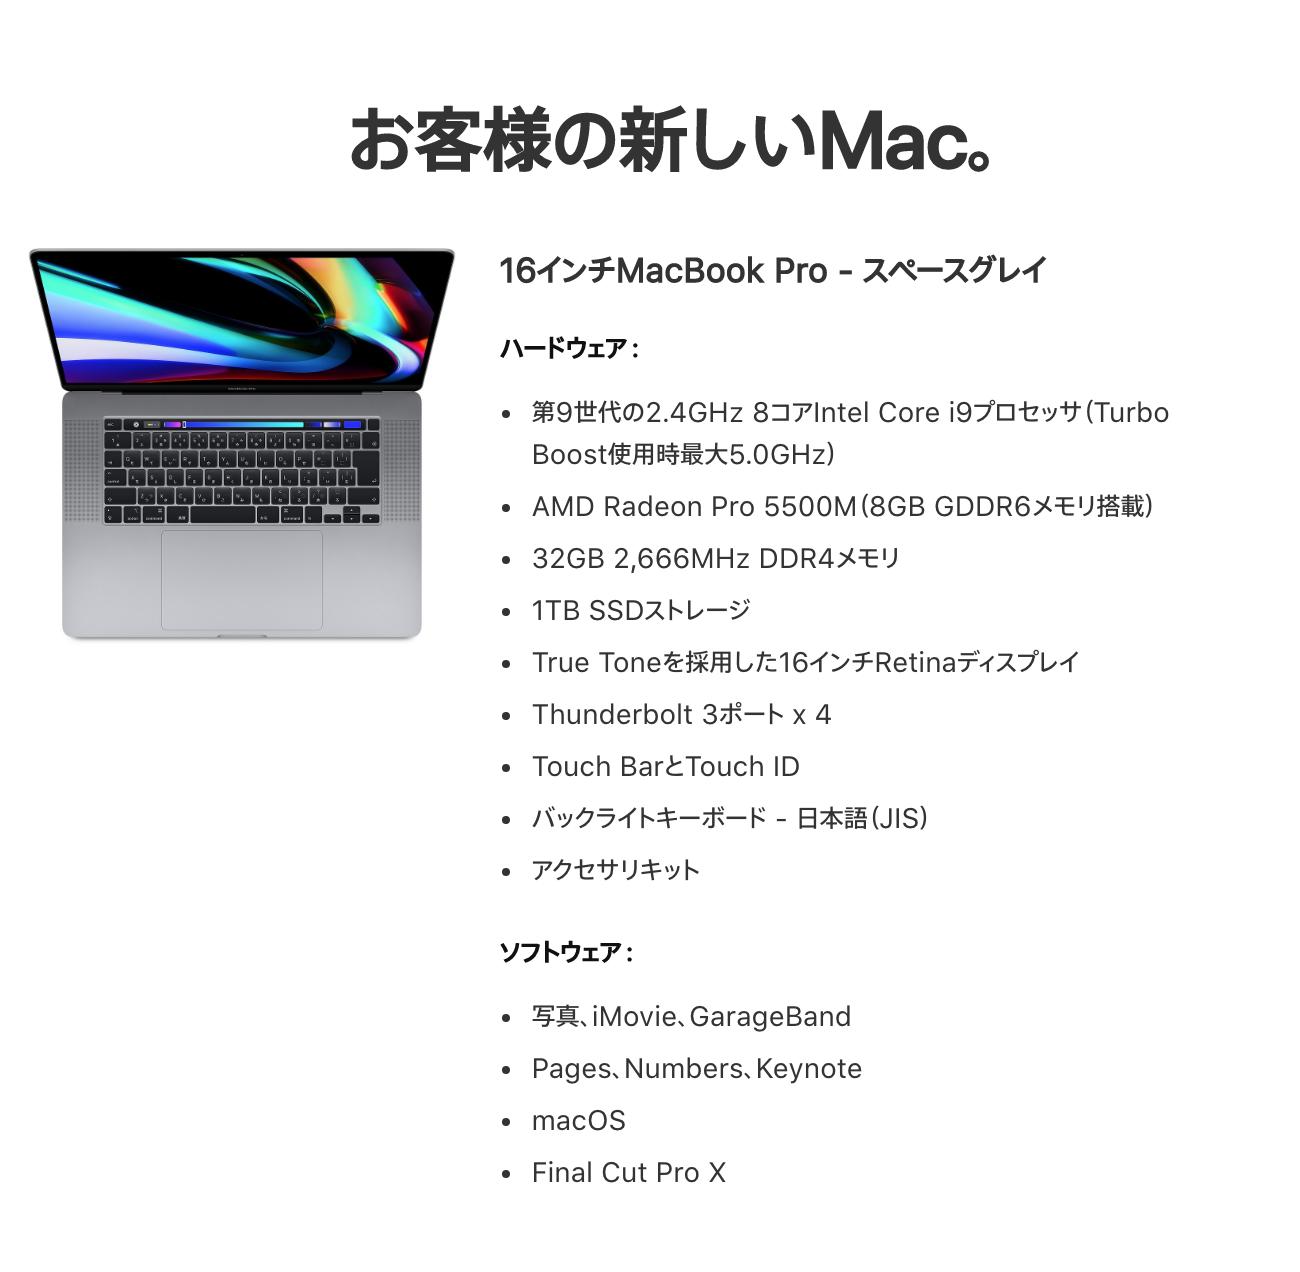 MacBook Pro 16インチ(第9世代8コア/32GBメモリ/1TBSSD)購入!ポチりました。